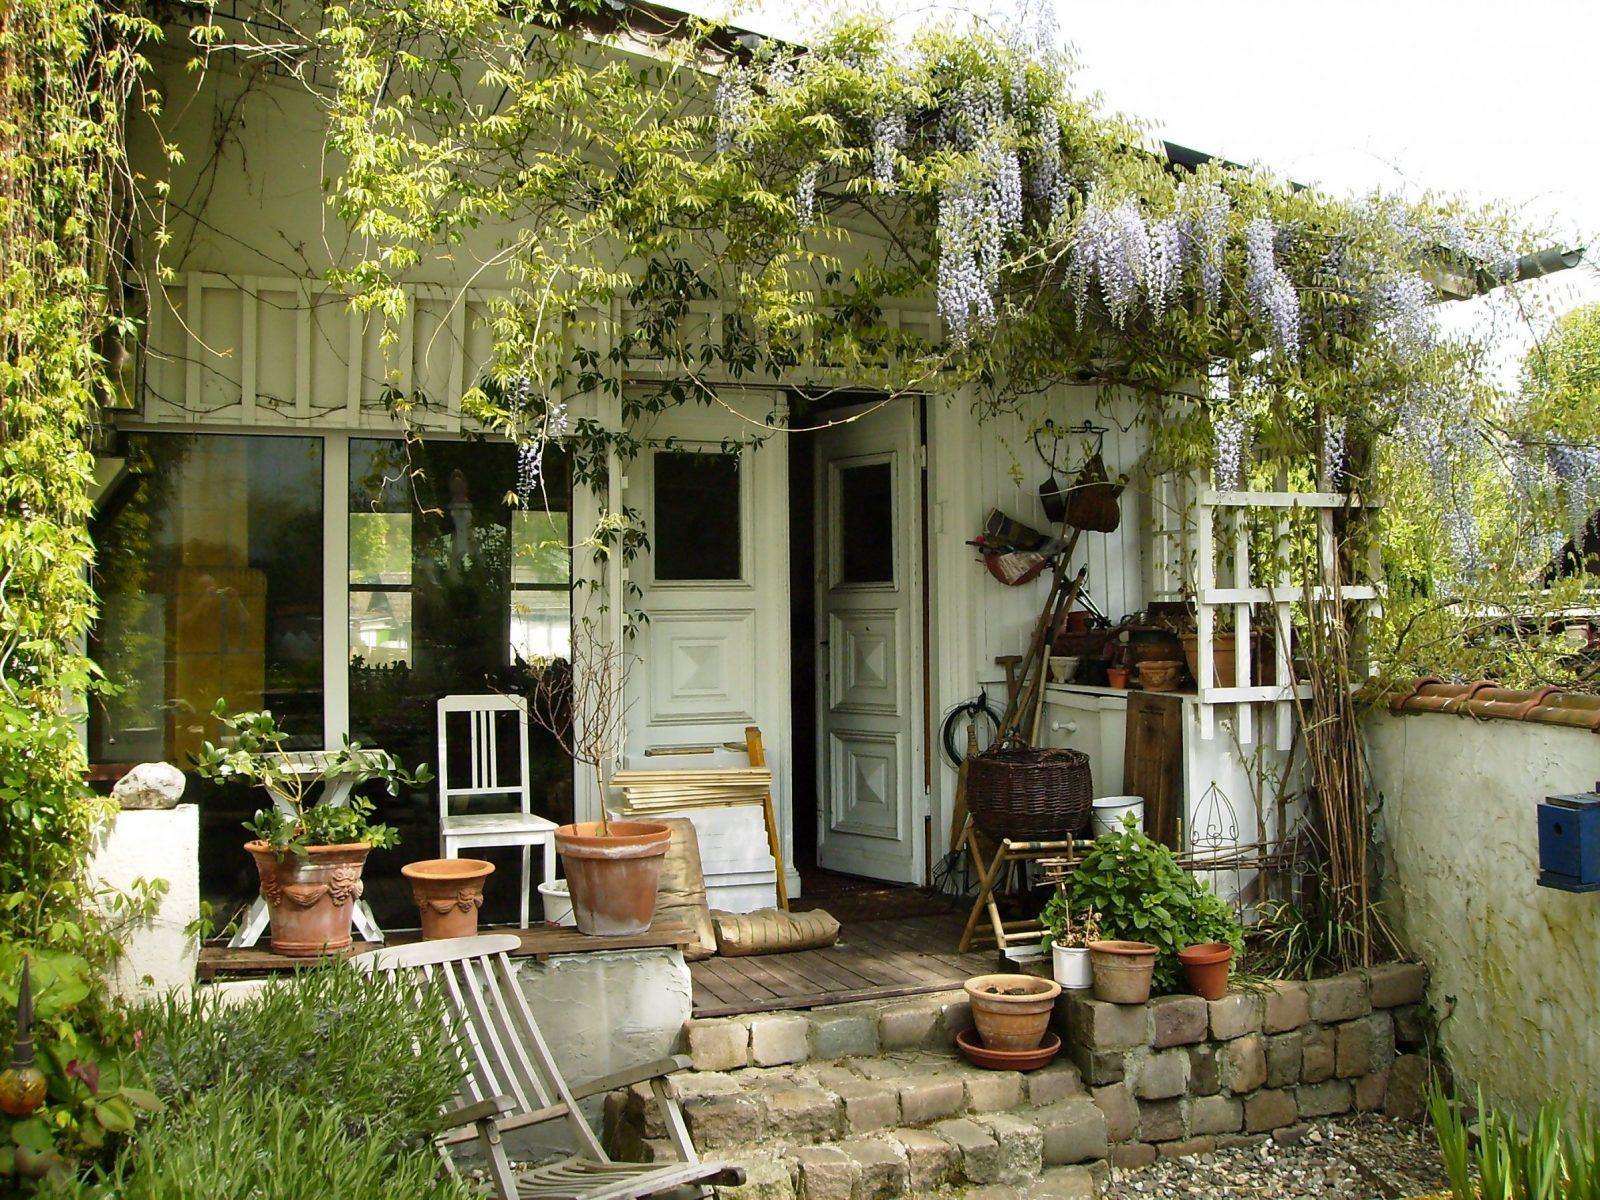 Wohnen Und Garten Abo Ist Das Beste Von Design Von Wohnen Und Garten von Wohnen Und Garten Abo Photo